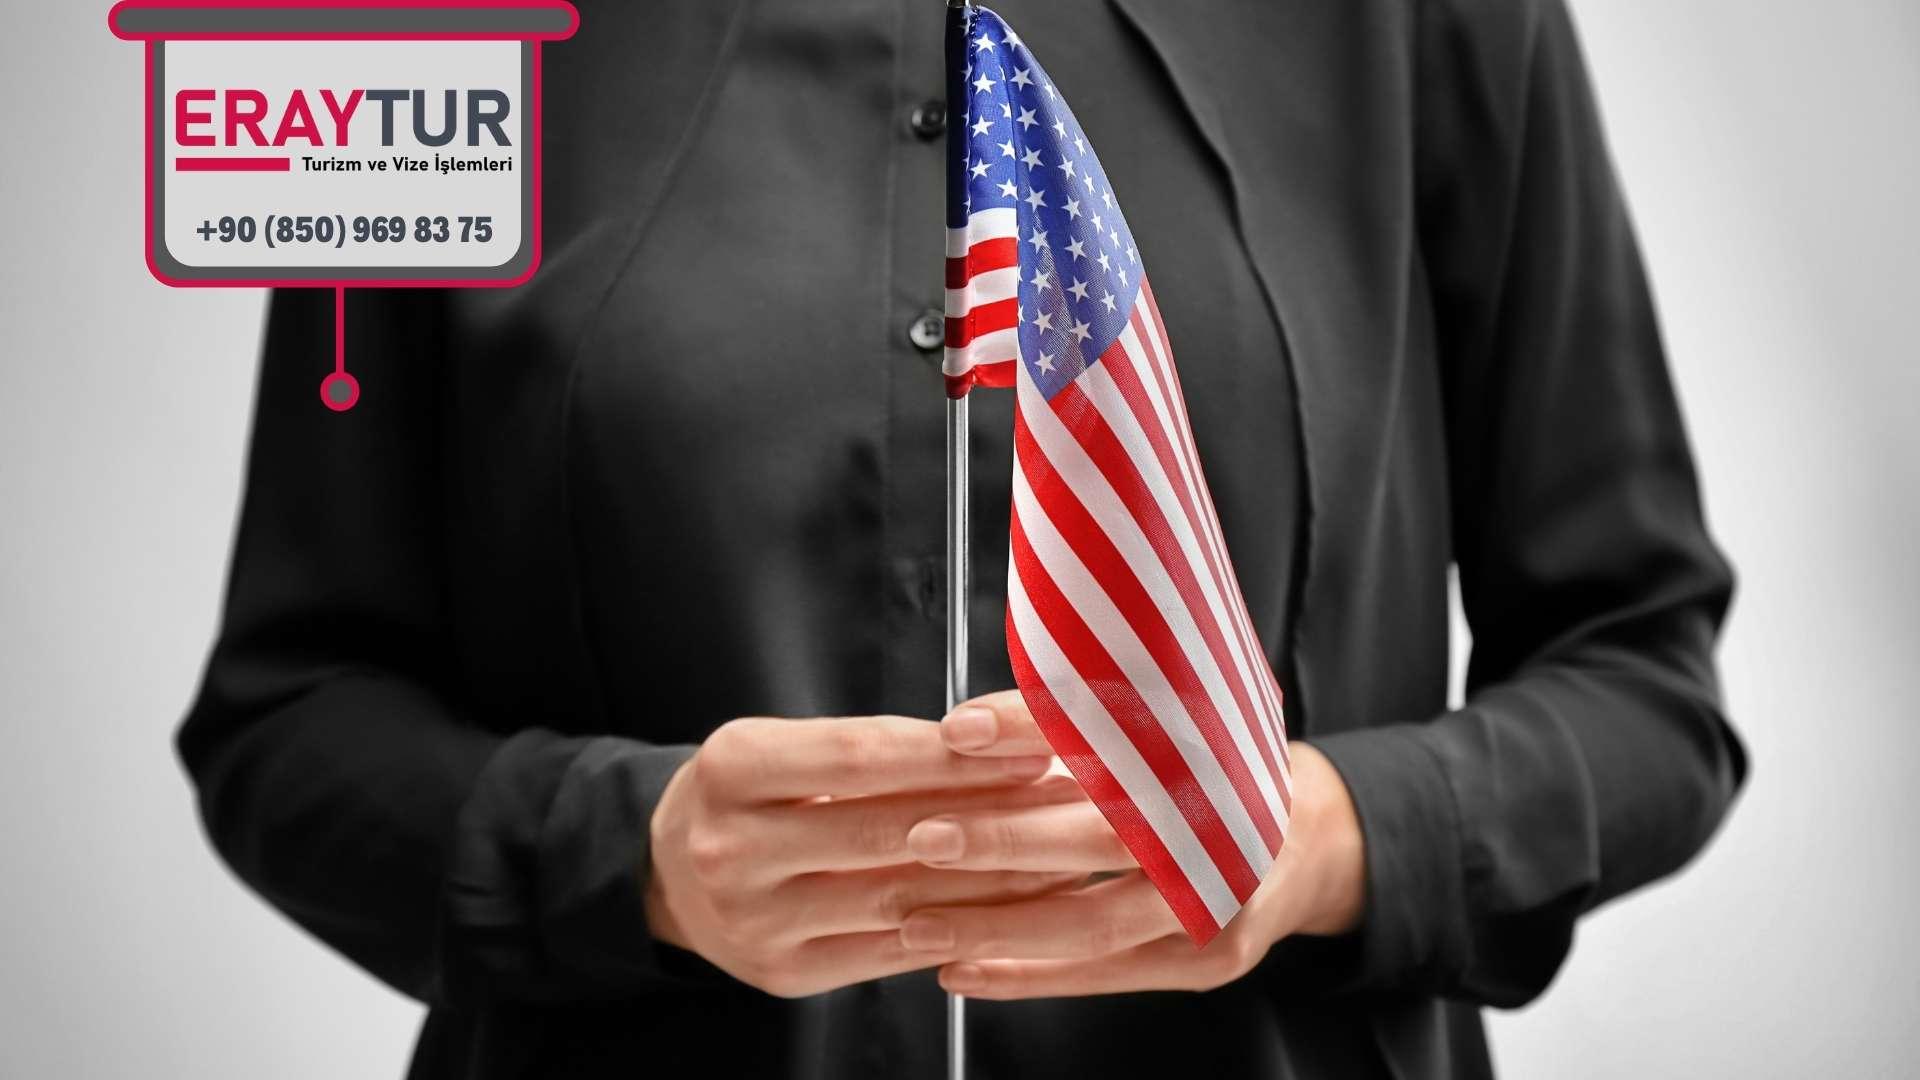 Amerika Turistik Vize Çalışan Evrakları